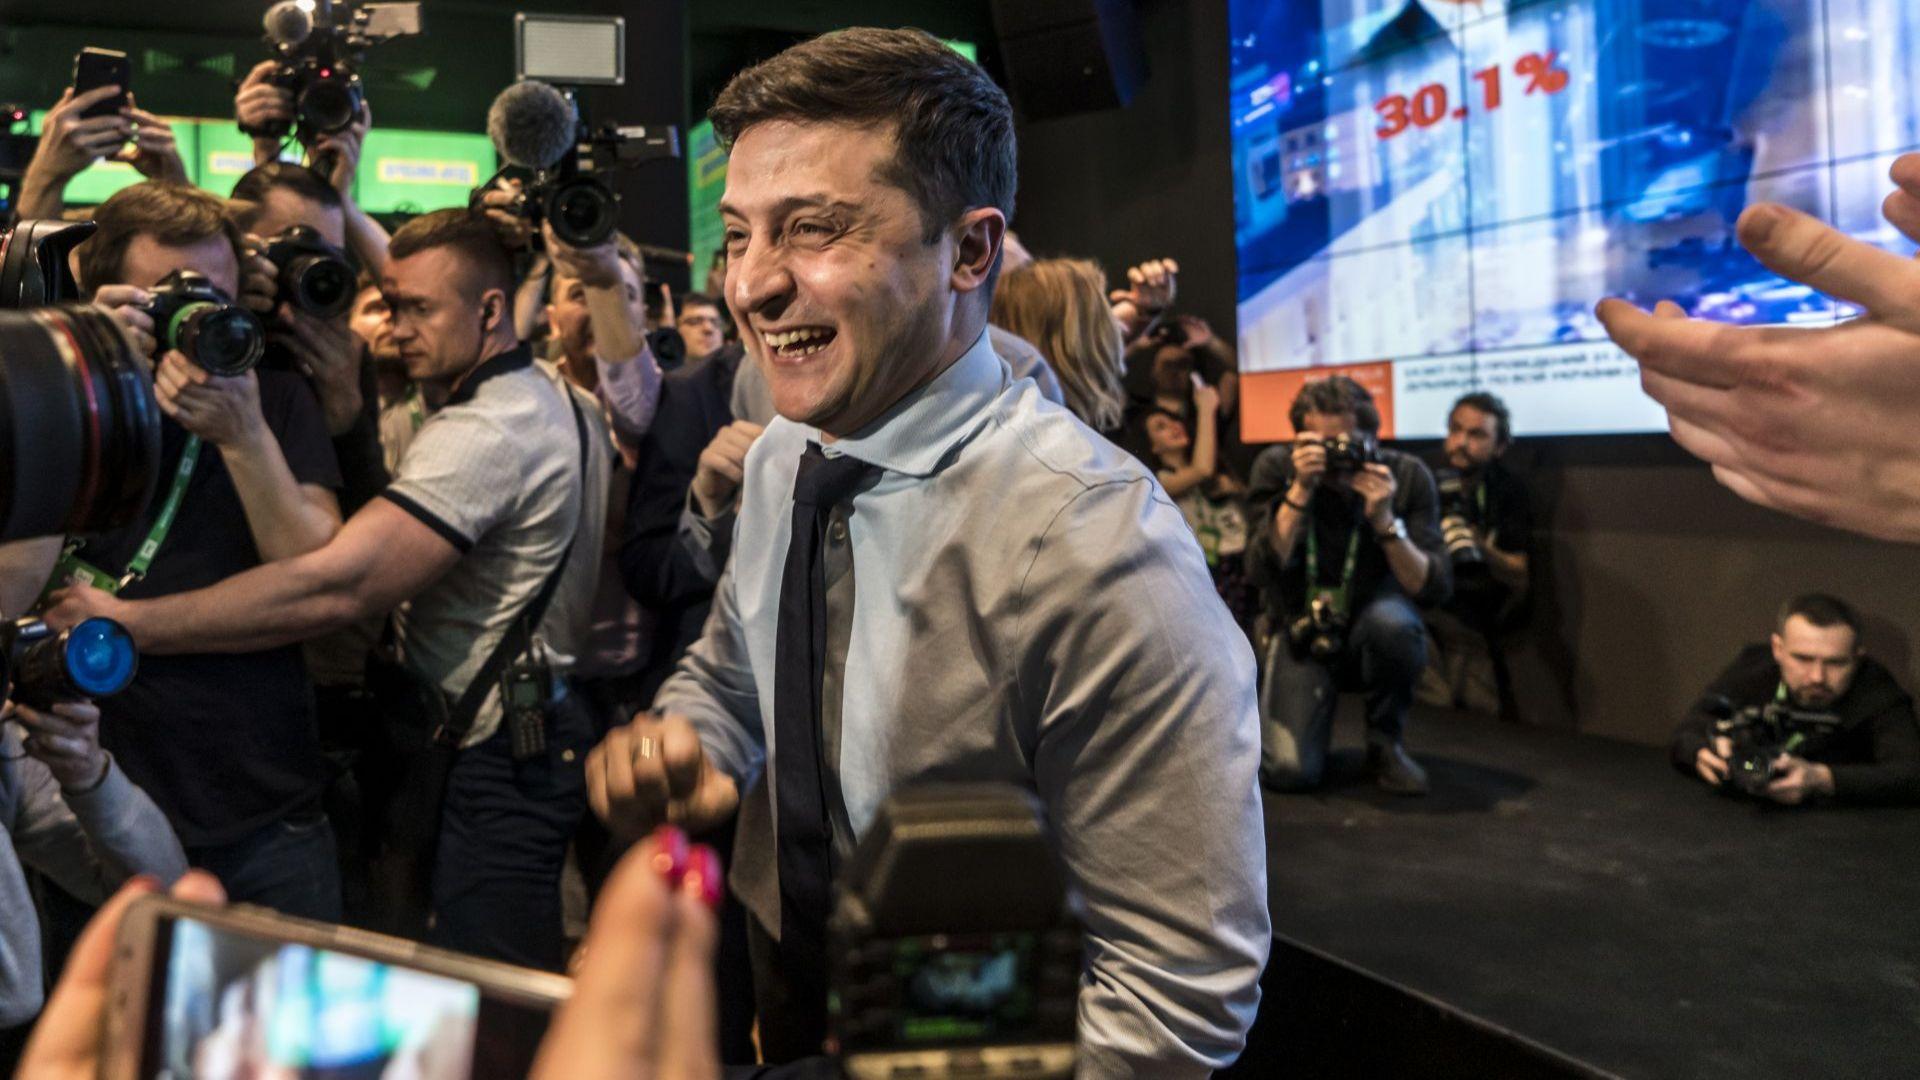 При обработени 60,28% от глaсовете: Порошенко и Тимошенко се борят за място на балотажа с актьора Зеленски